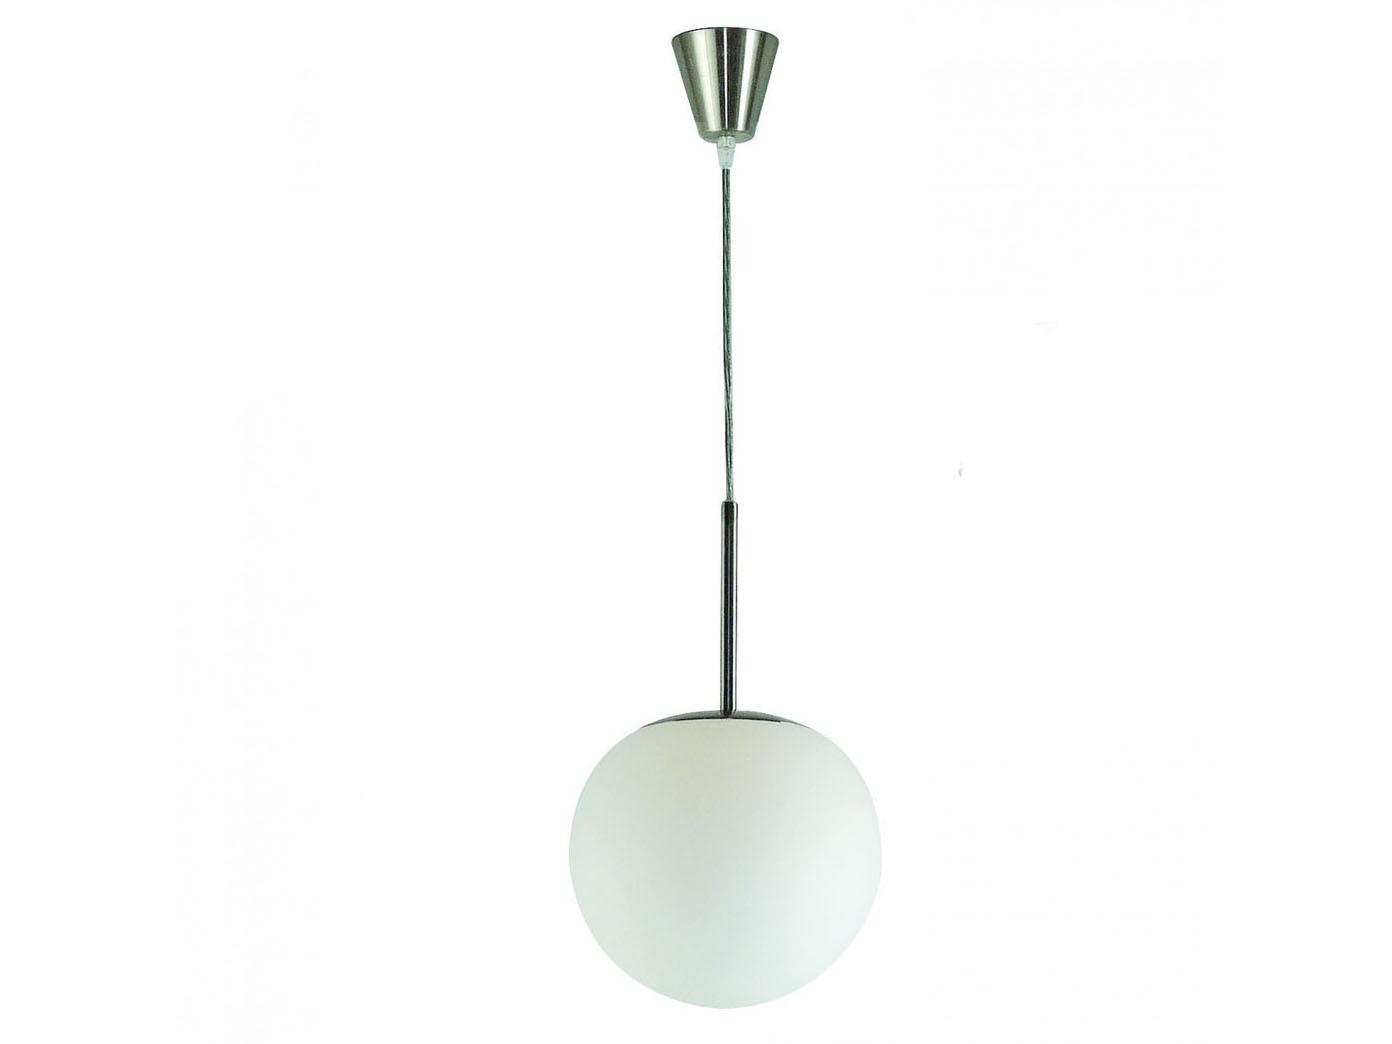 pendelleuchte kugel glas 20cm mit dimmbarem e27 led. Black Bedroom Furniture Sets. Home Design Ideas